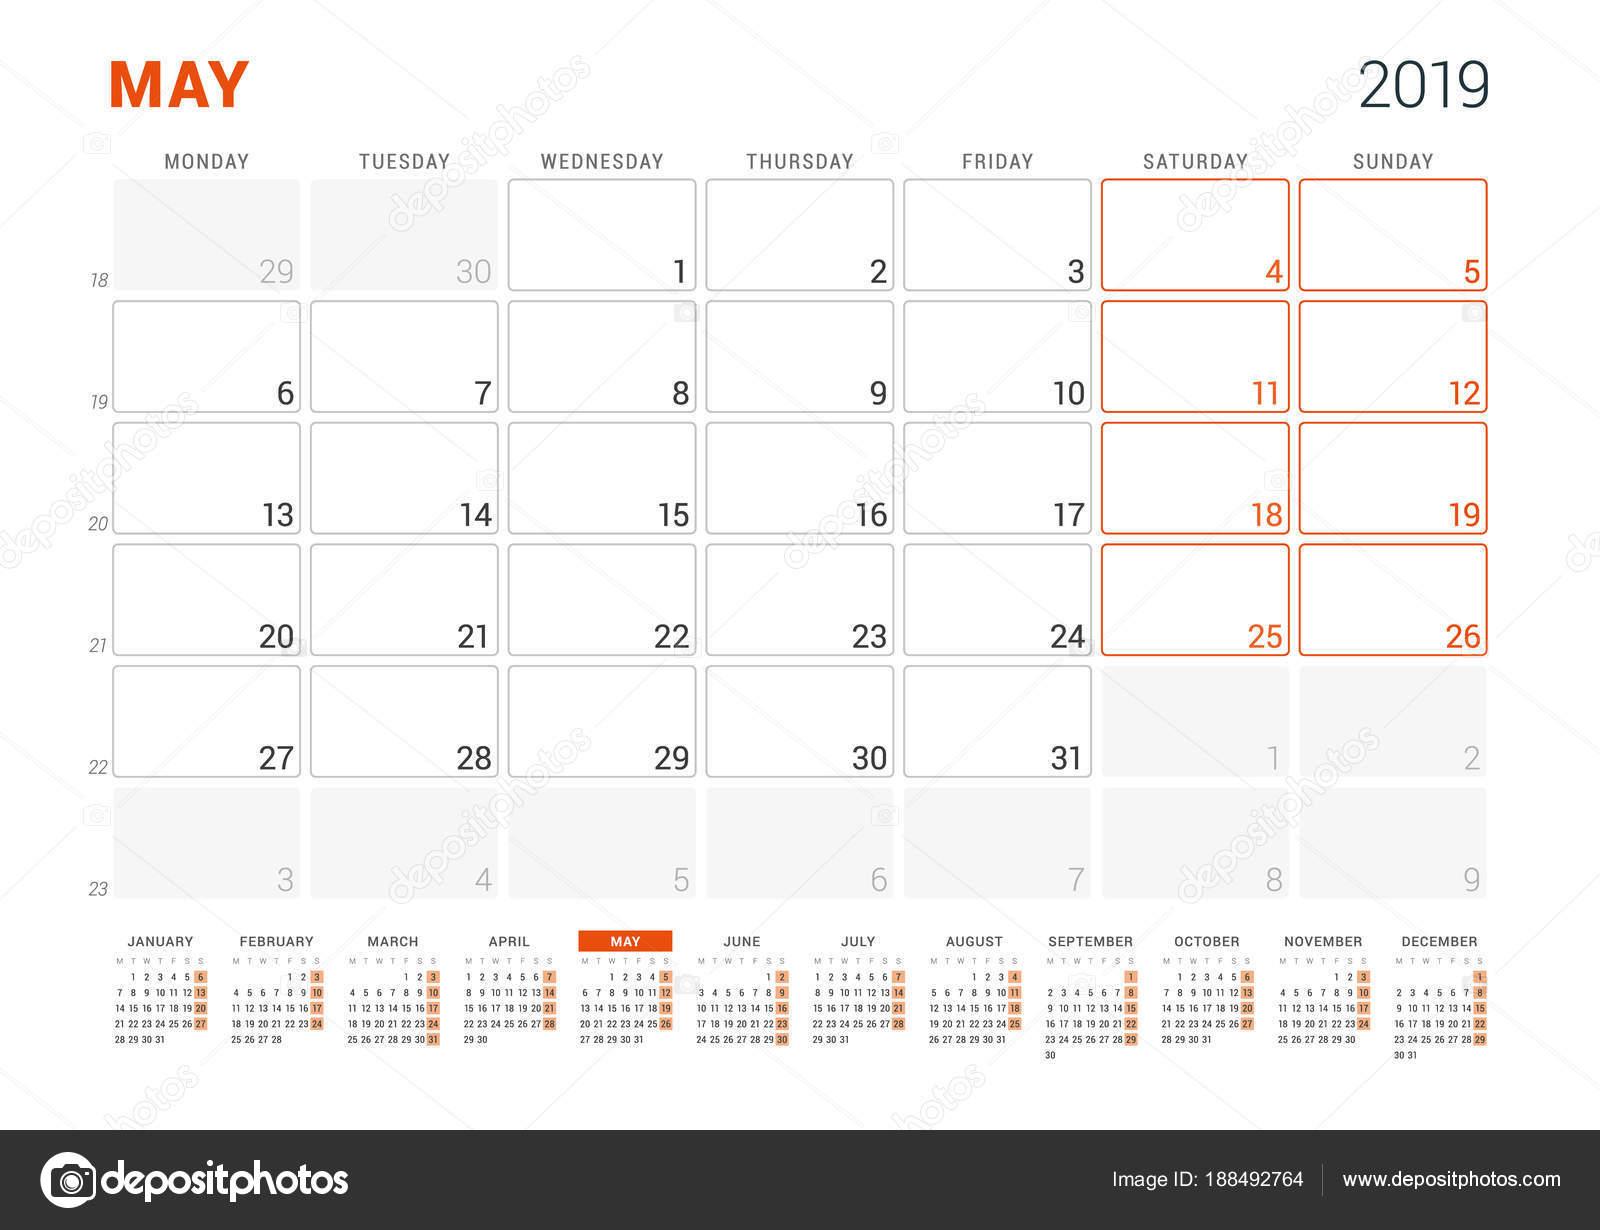 Calendario Settimane Anno 2019.Maggio 2019 Calendario Planner Per L Anno 2019 Modello Di